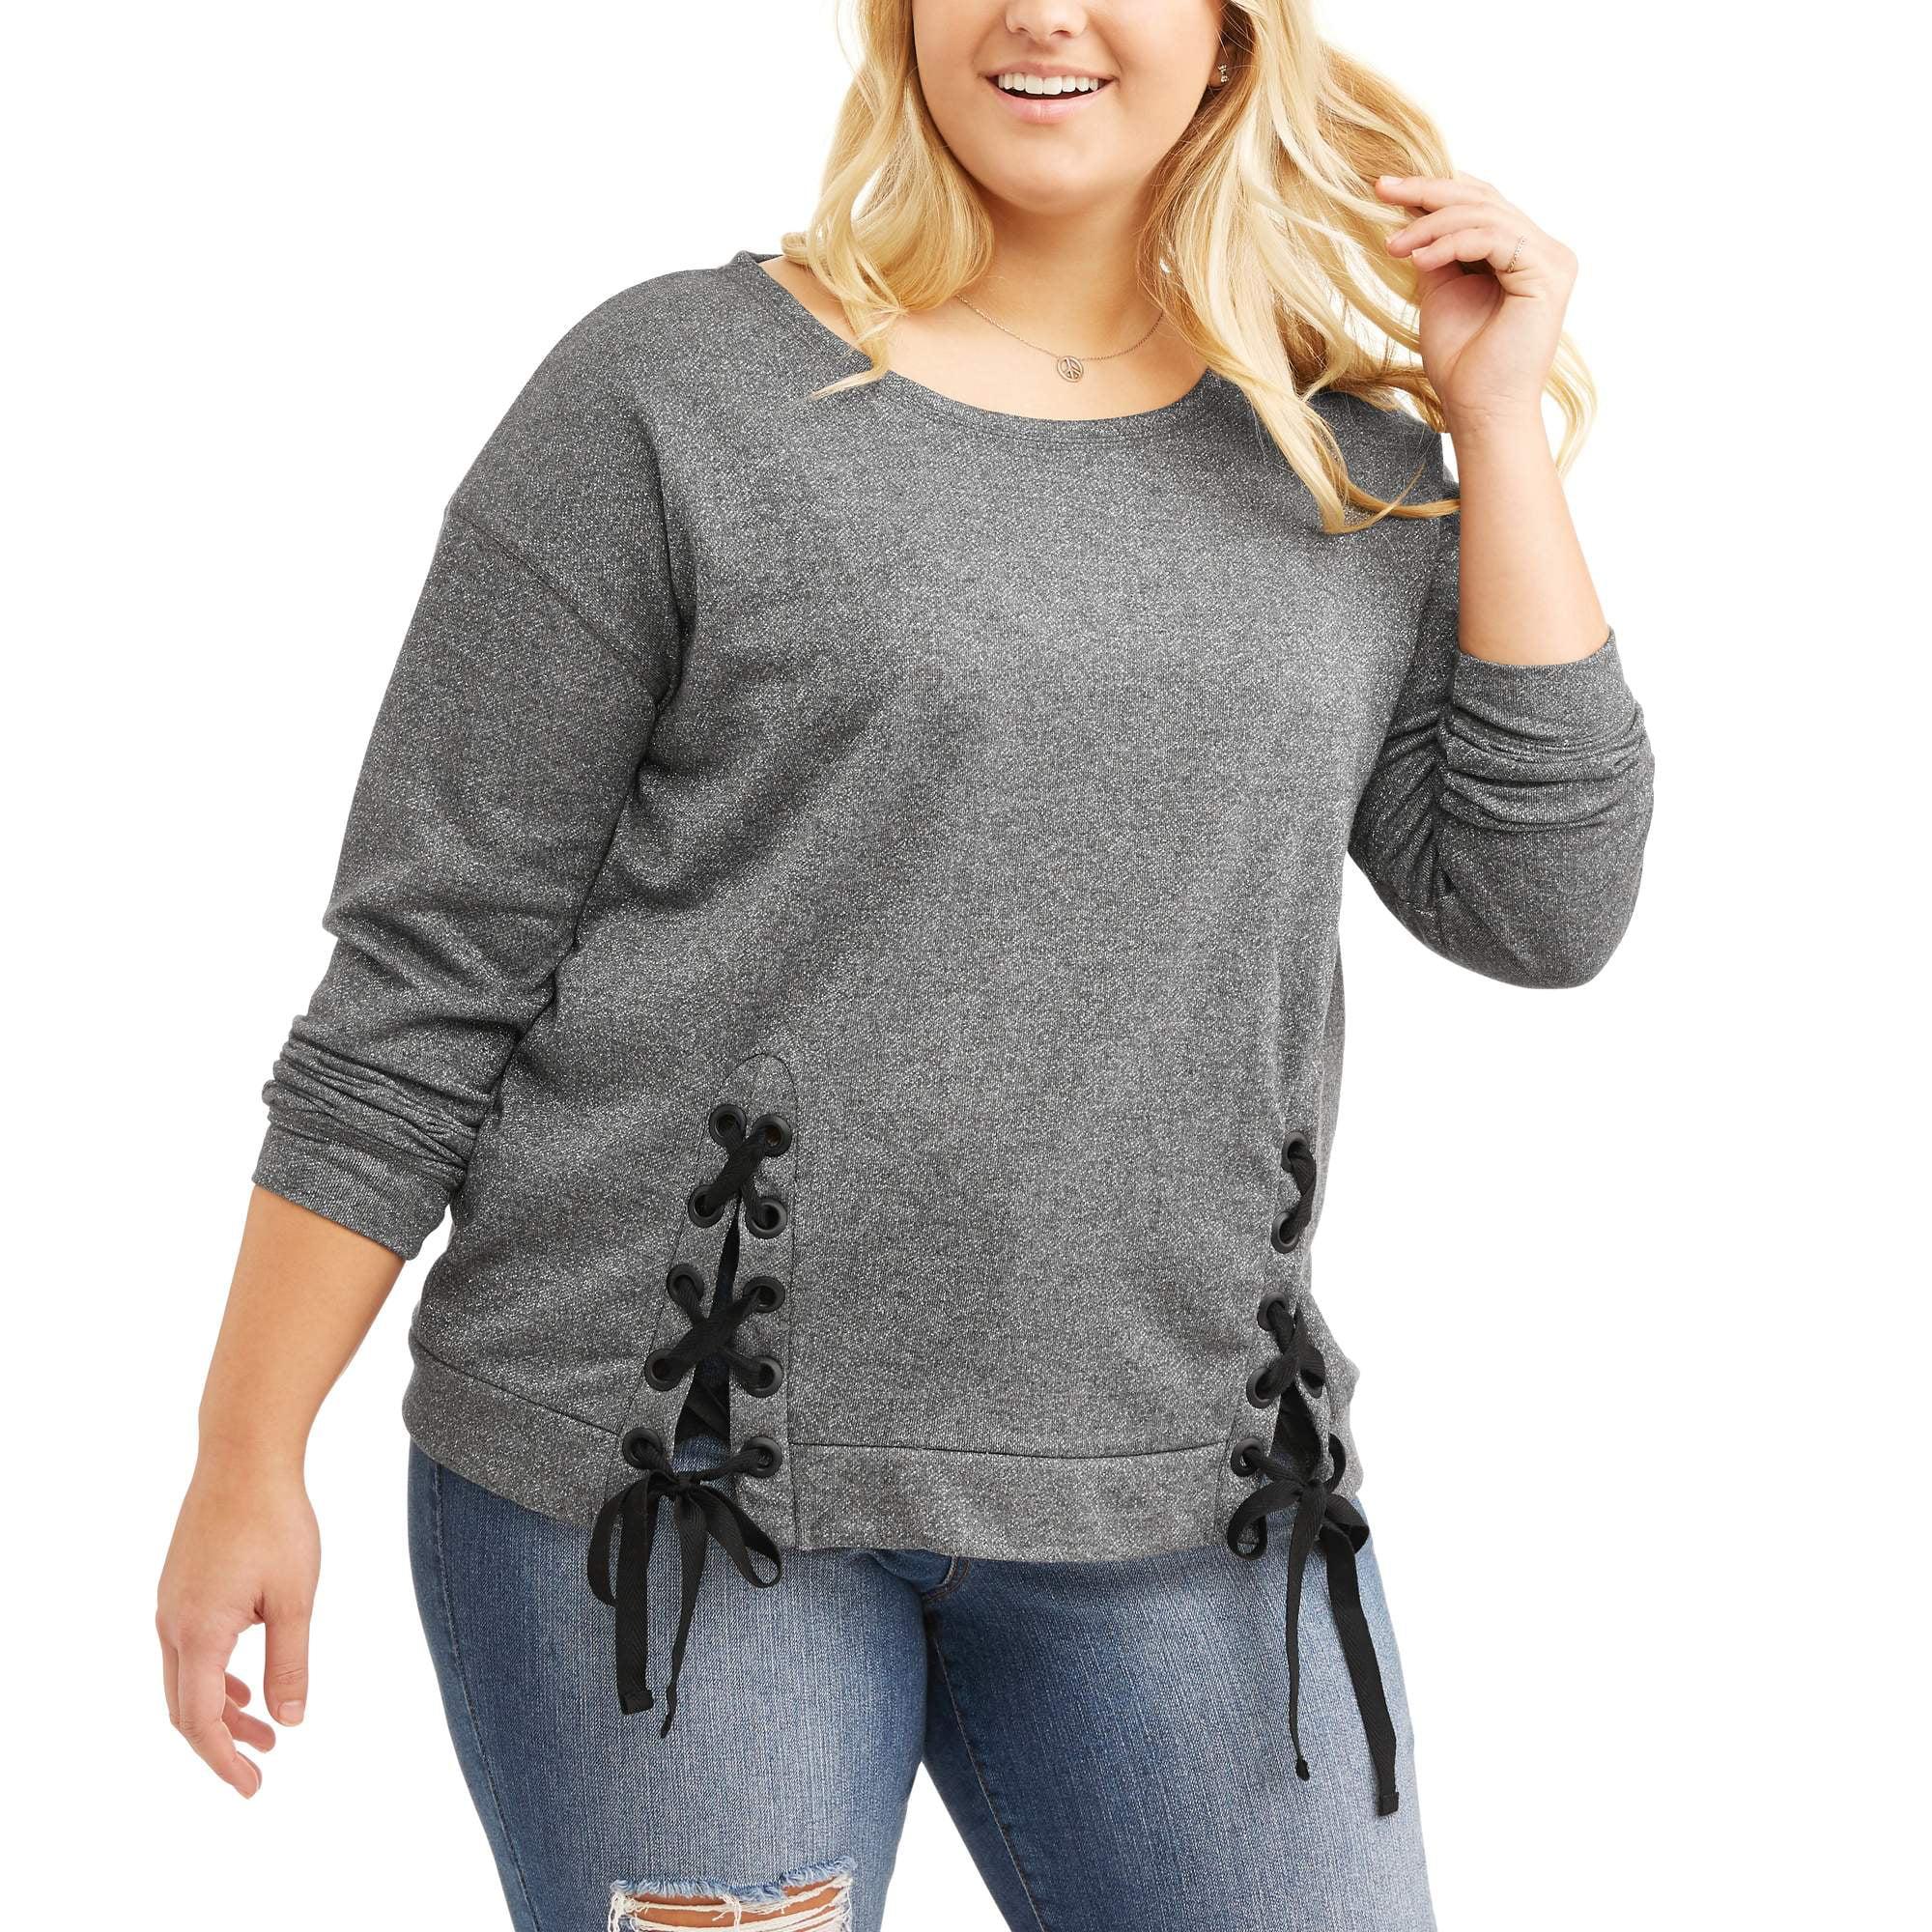 Junior Plus Lace Up Sweatshirt Scoop Neck Top